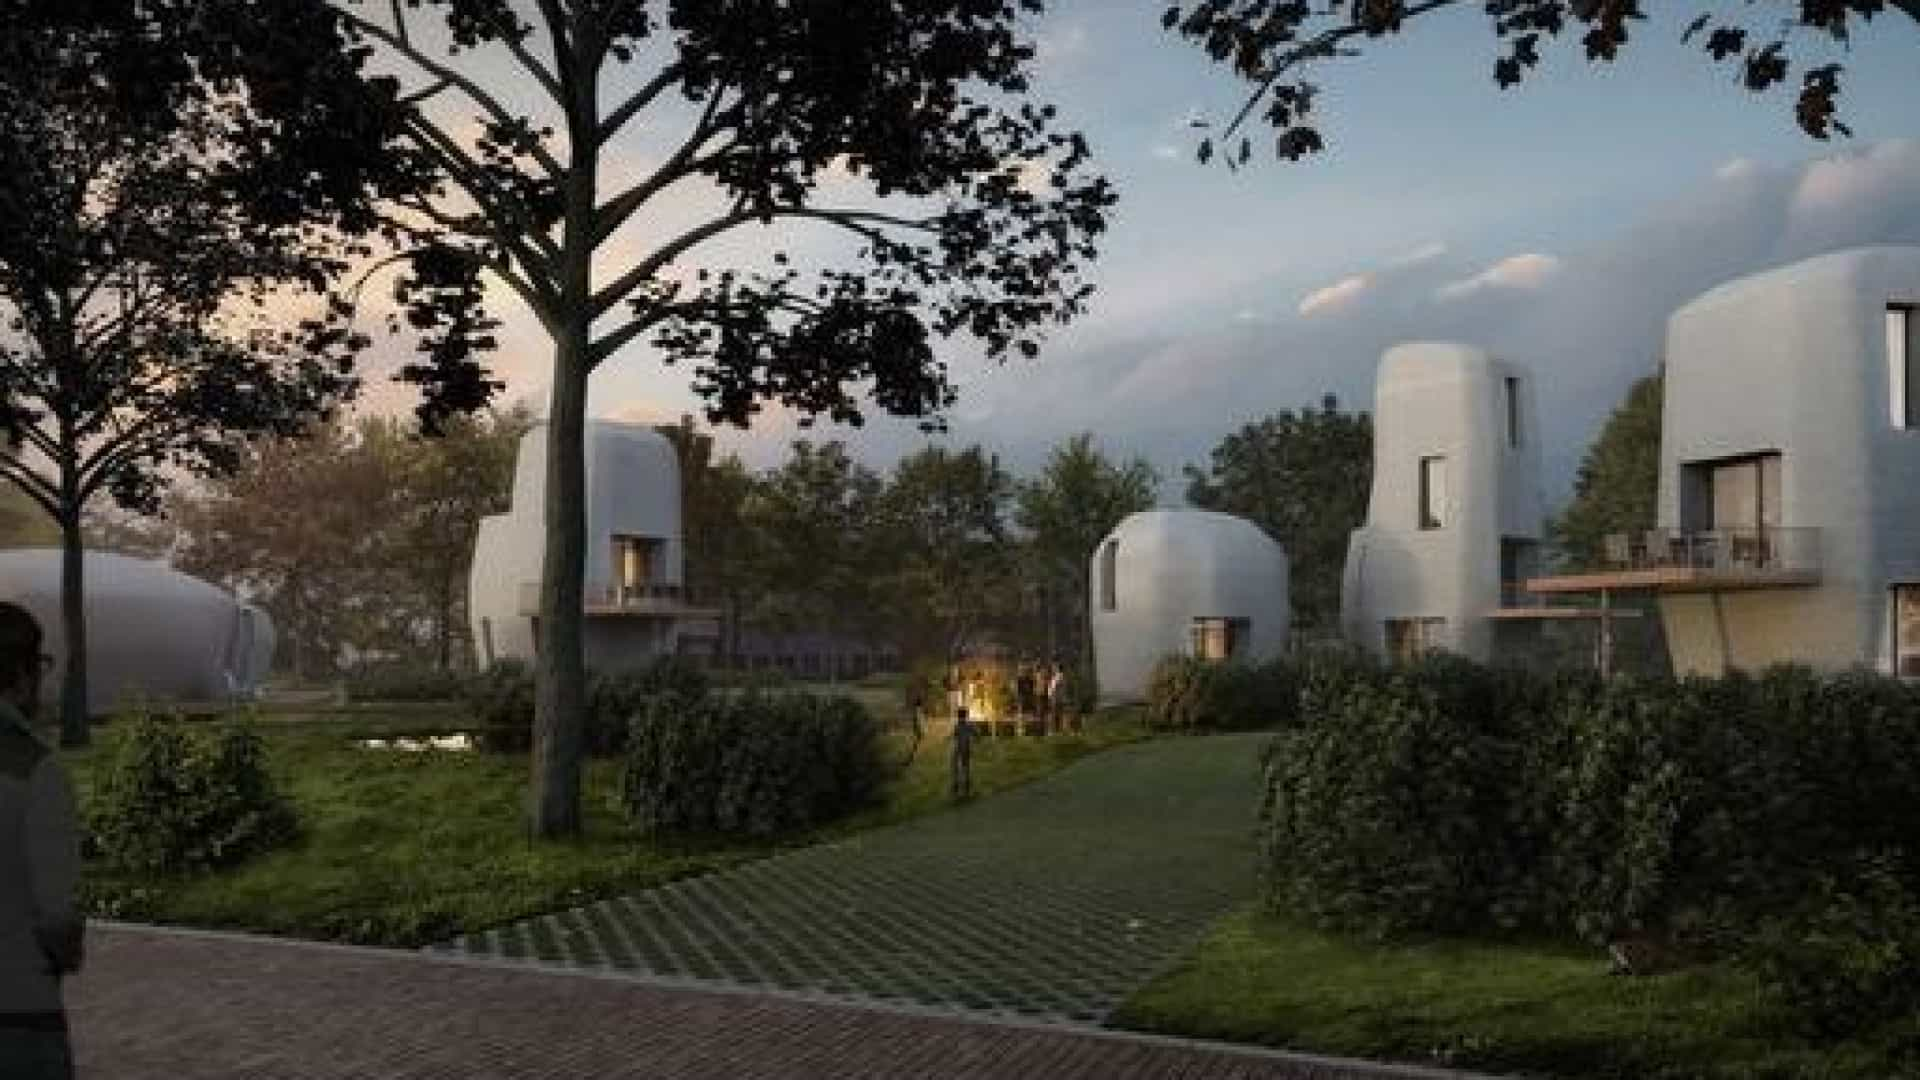 Primeiras casas feitas com impressão 3D são construídas na Holanda